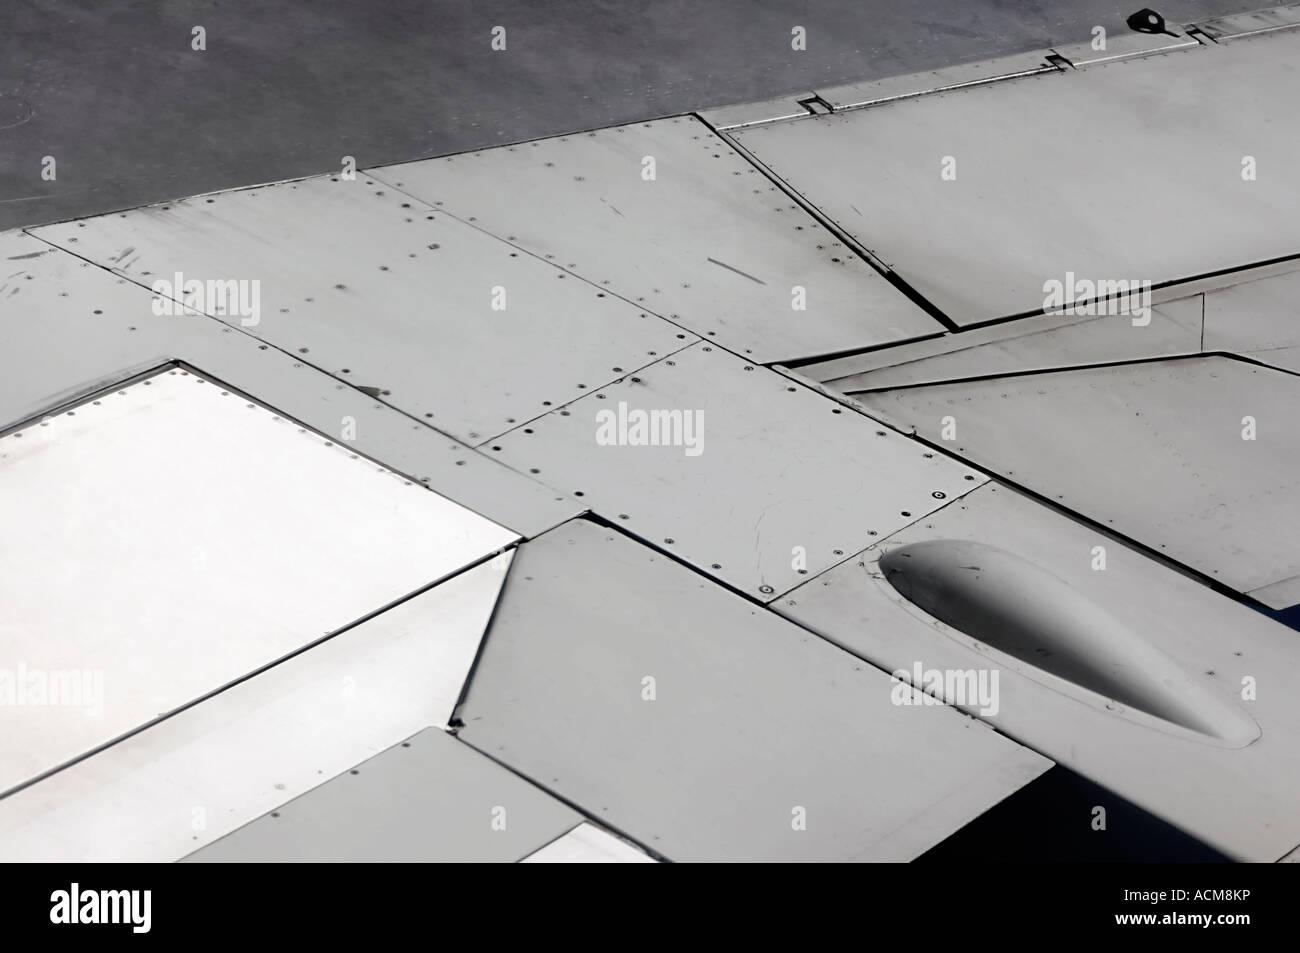 Ala di aeroplano dettagli Immagini Stock